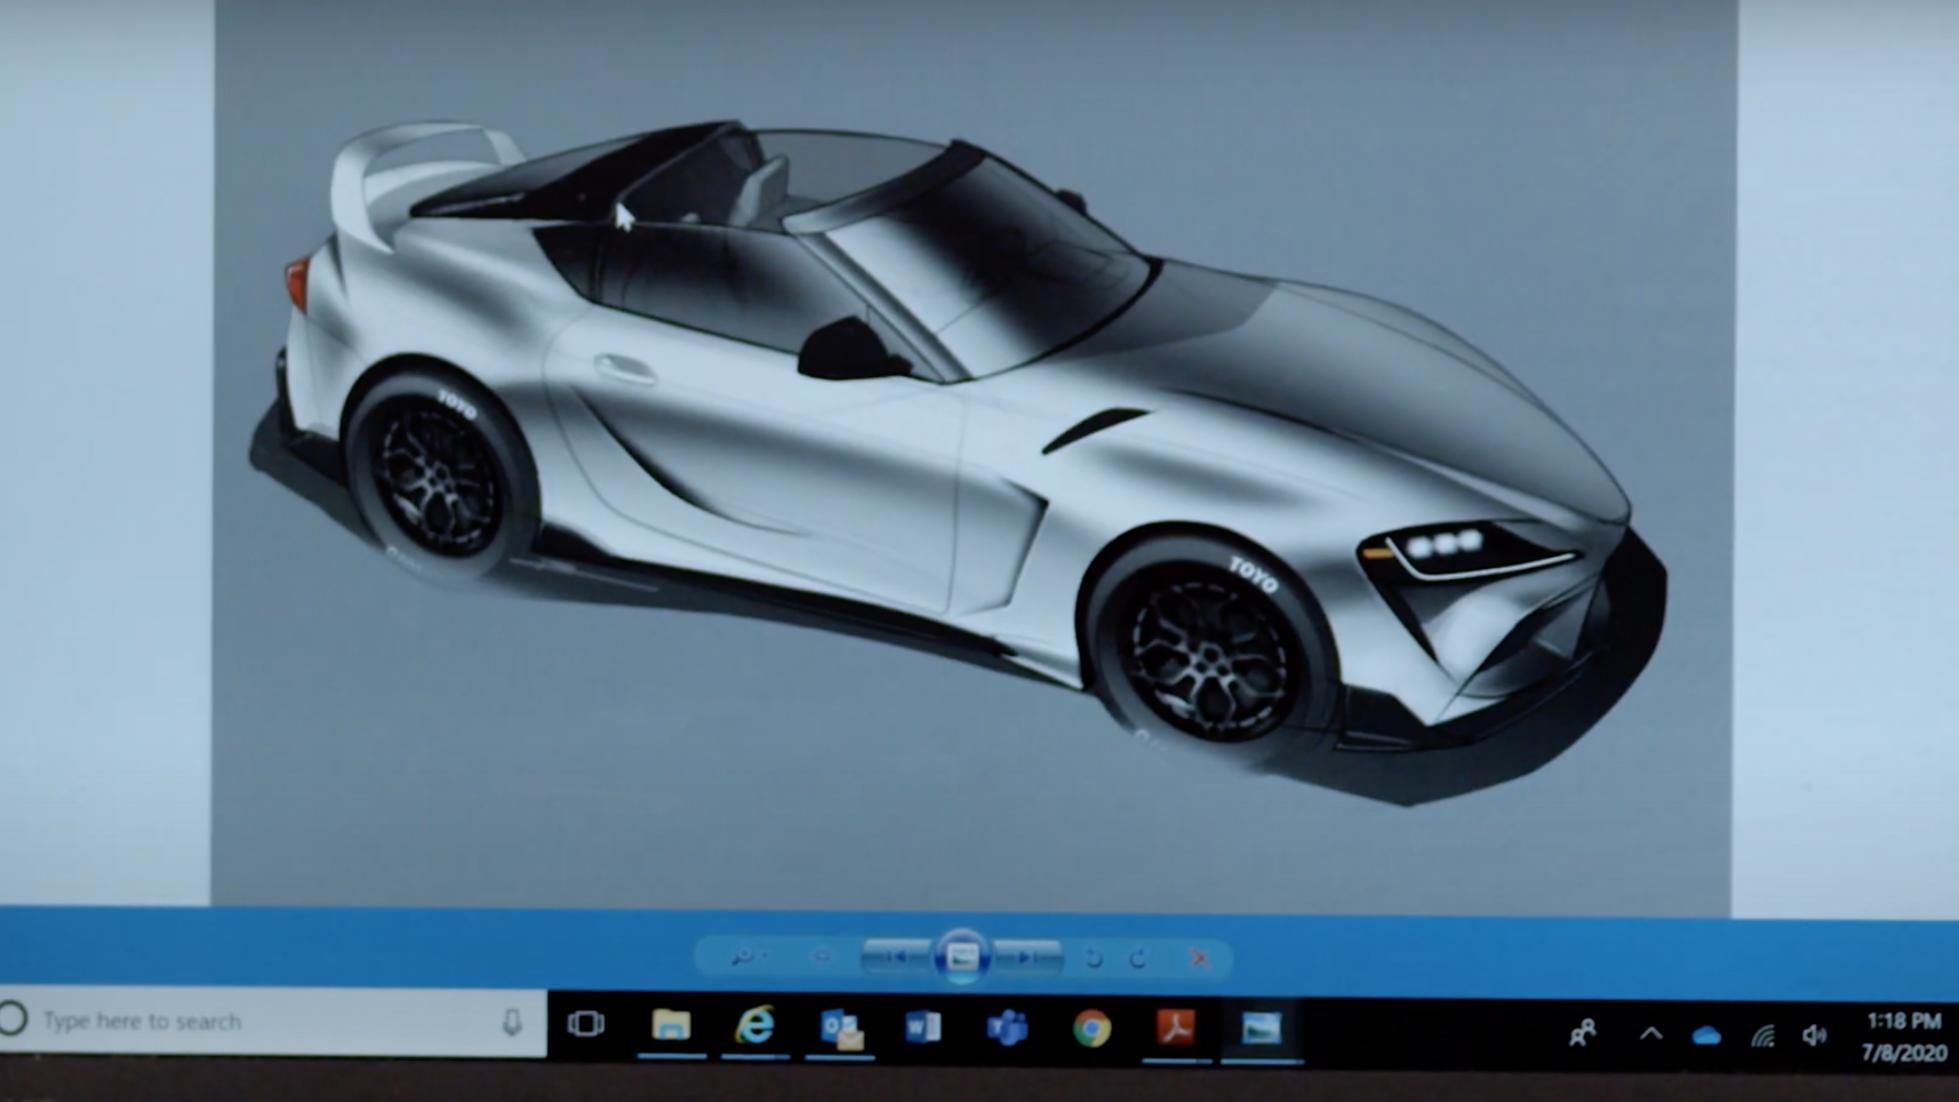 Toyota prépare une Supra targa de 500 ch pour le SEMA - Galerie